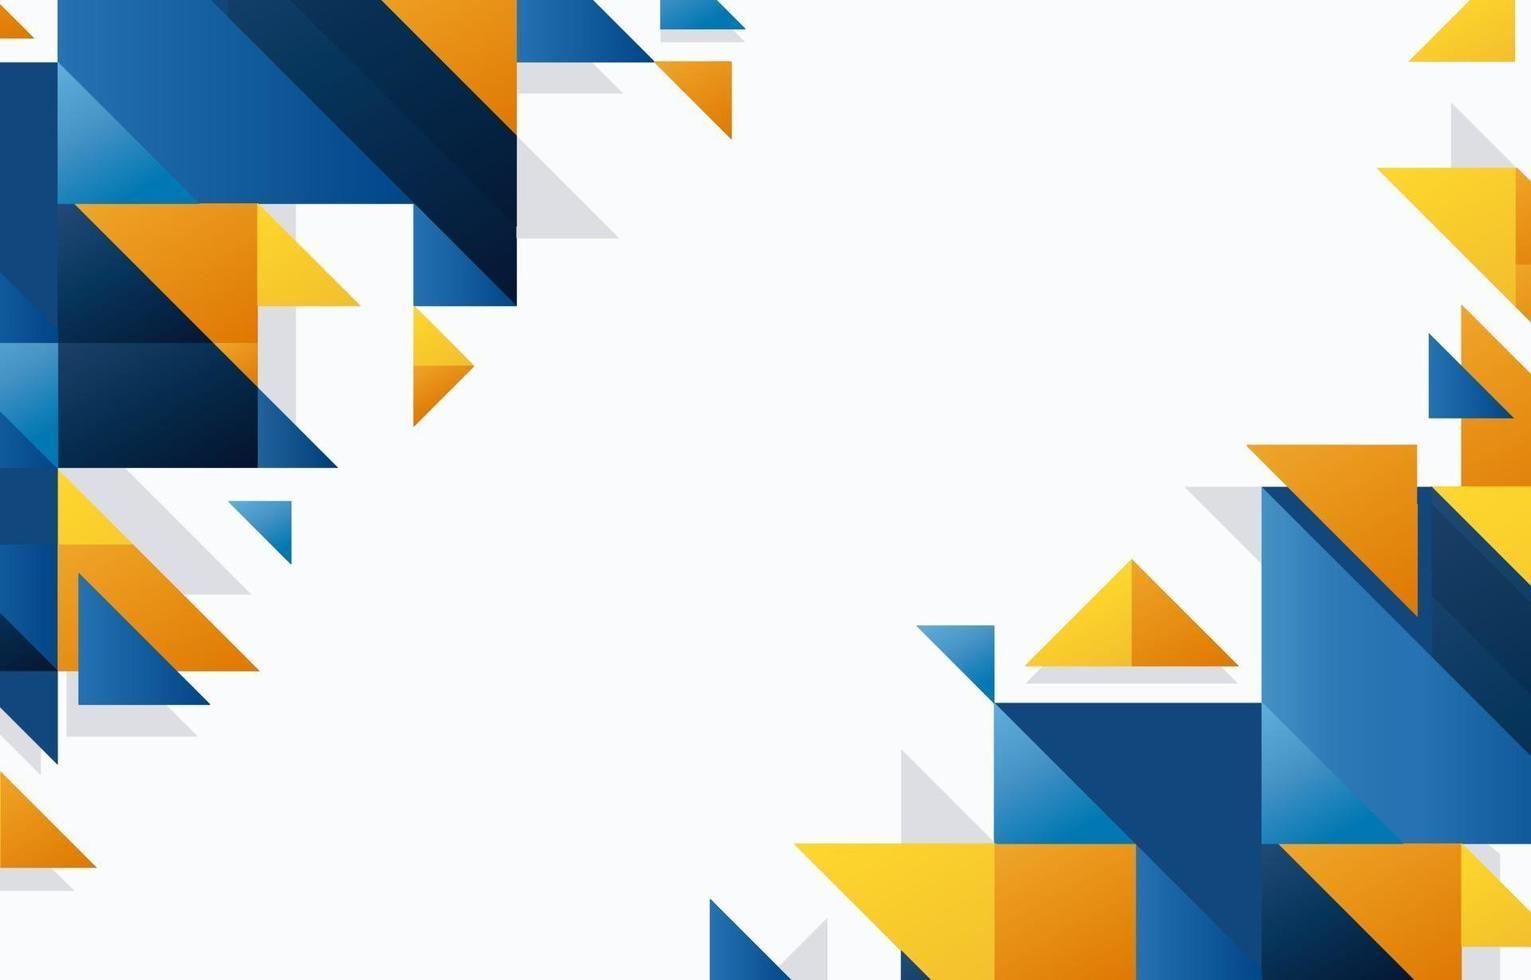 fondo de formas geométricas abstractas vector